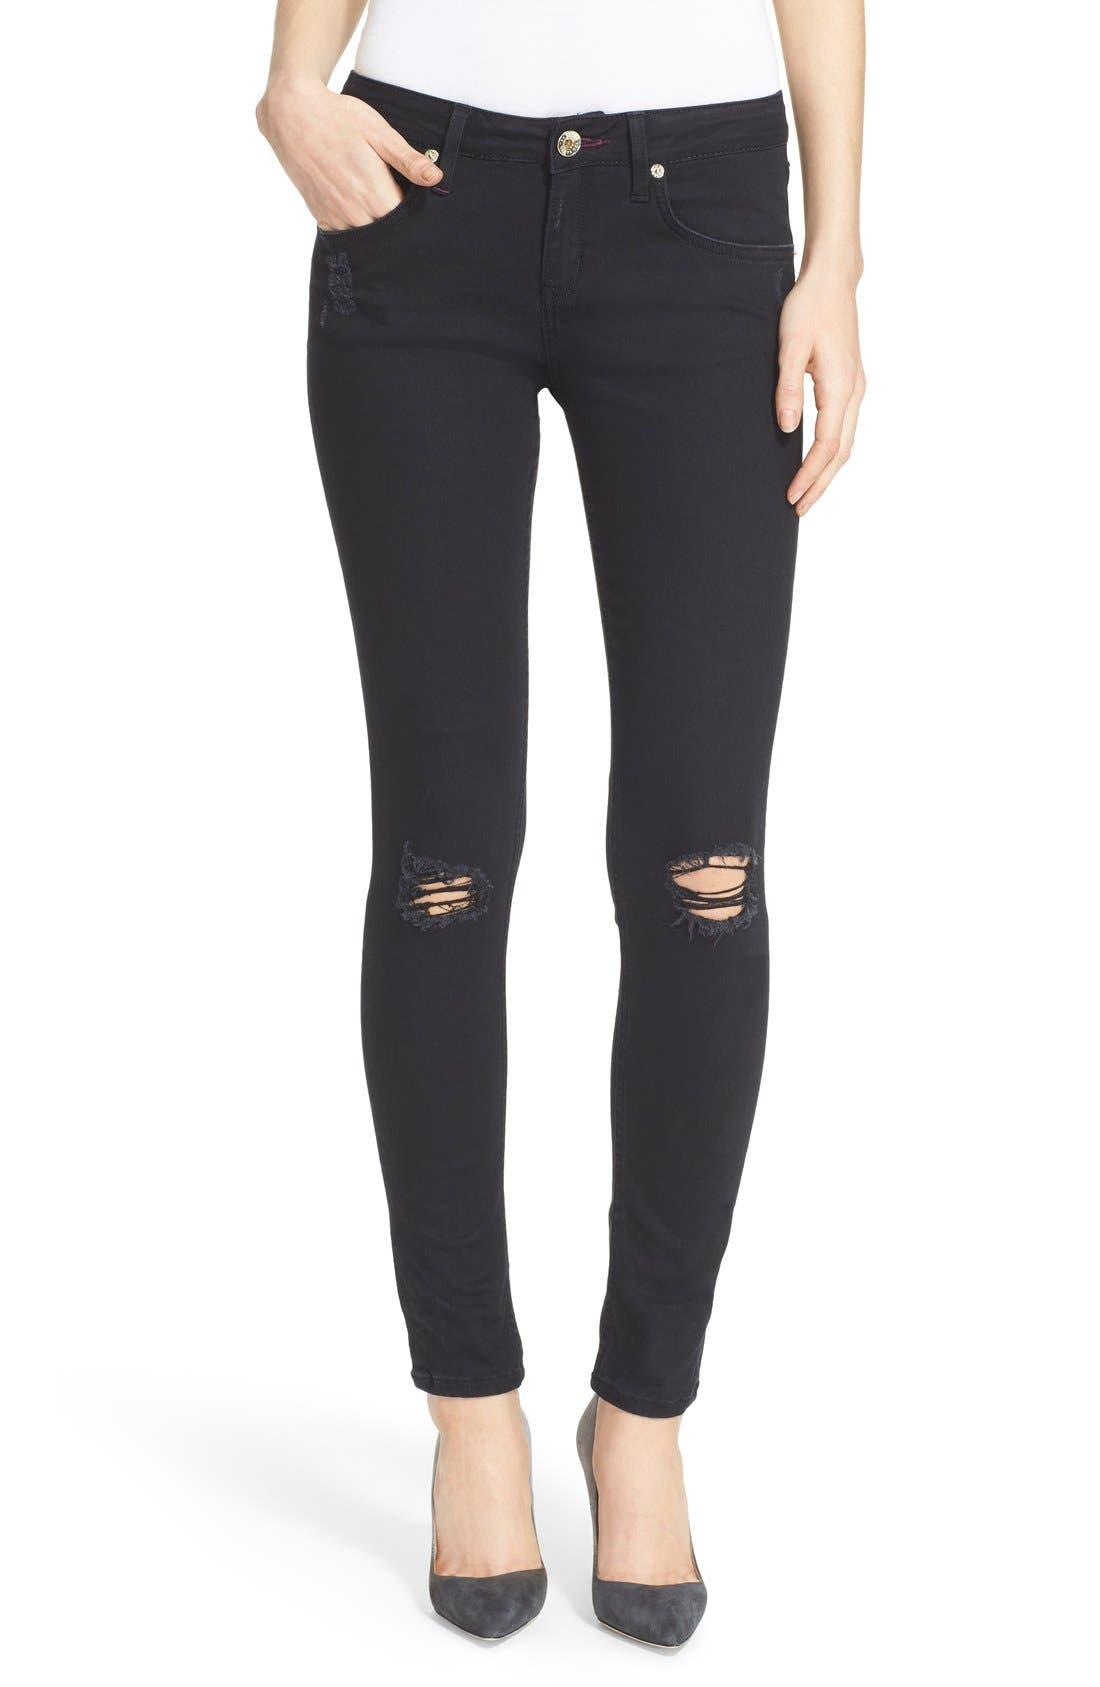 Alternate Image 1 Selected - Ted Baker London 'Platt' Abrasion Skinny Jeans (Black)